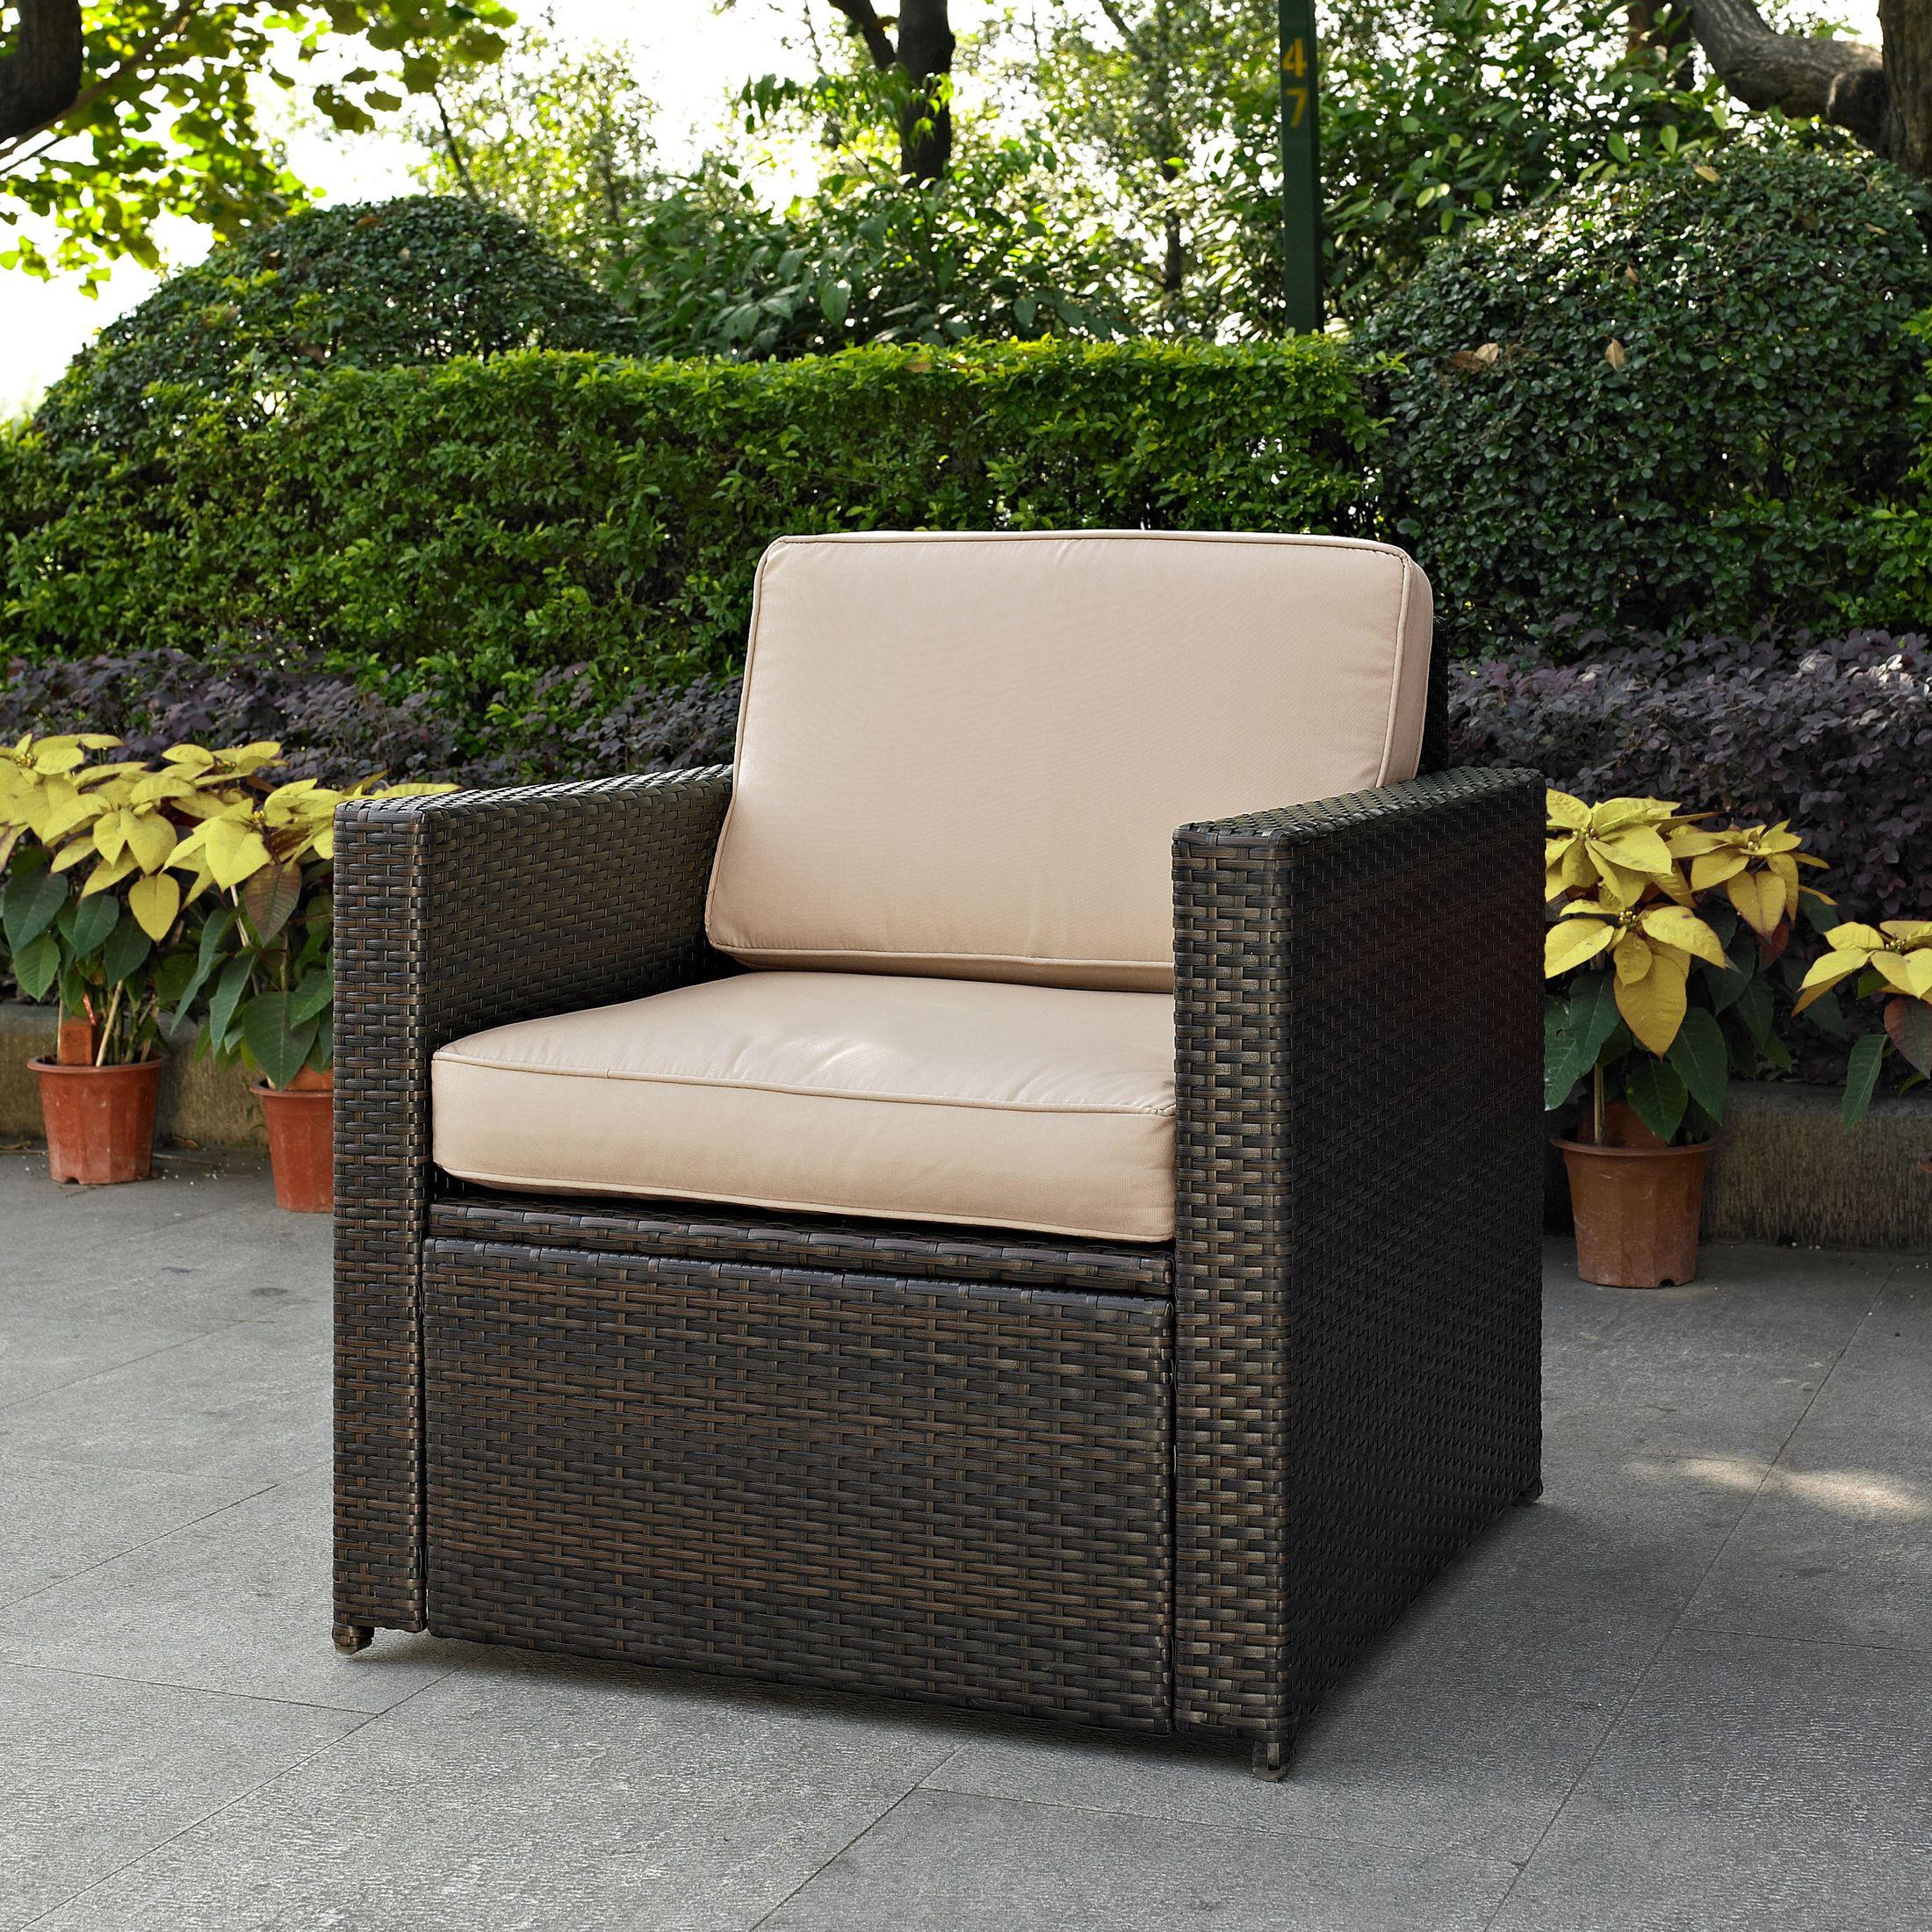 Outdoor Furniture - Aldo Outdoor Chair